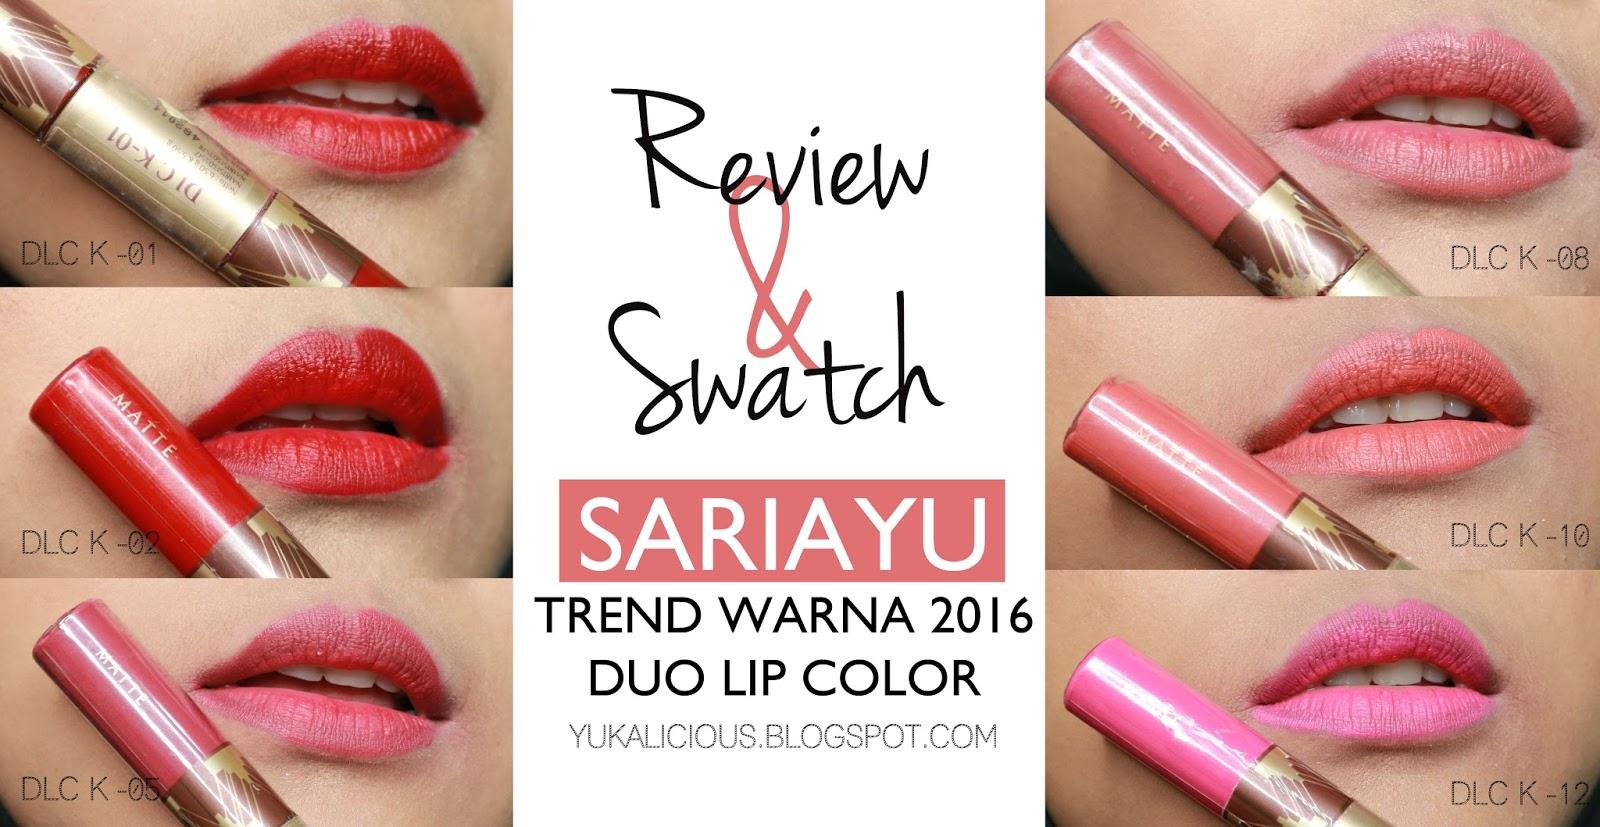 Sariayu Color Trend 2016 Duo Lip Krakatau 03 55 65 Gr Spec E Senses Gloss Me 05 320475 Ini Adalah Inivosi Terbaru Dari Dimana Dalam 1 Kemasan Kamu Mendapatkan 2